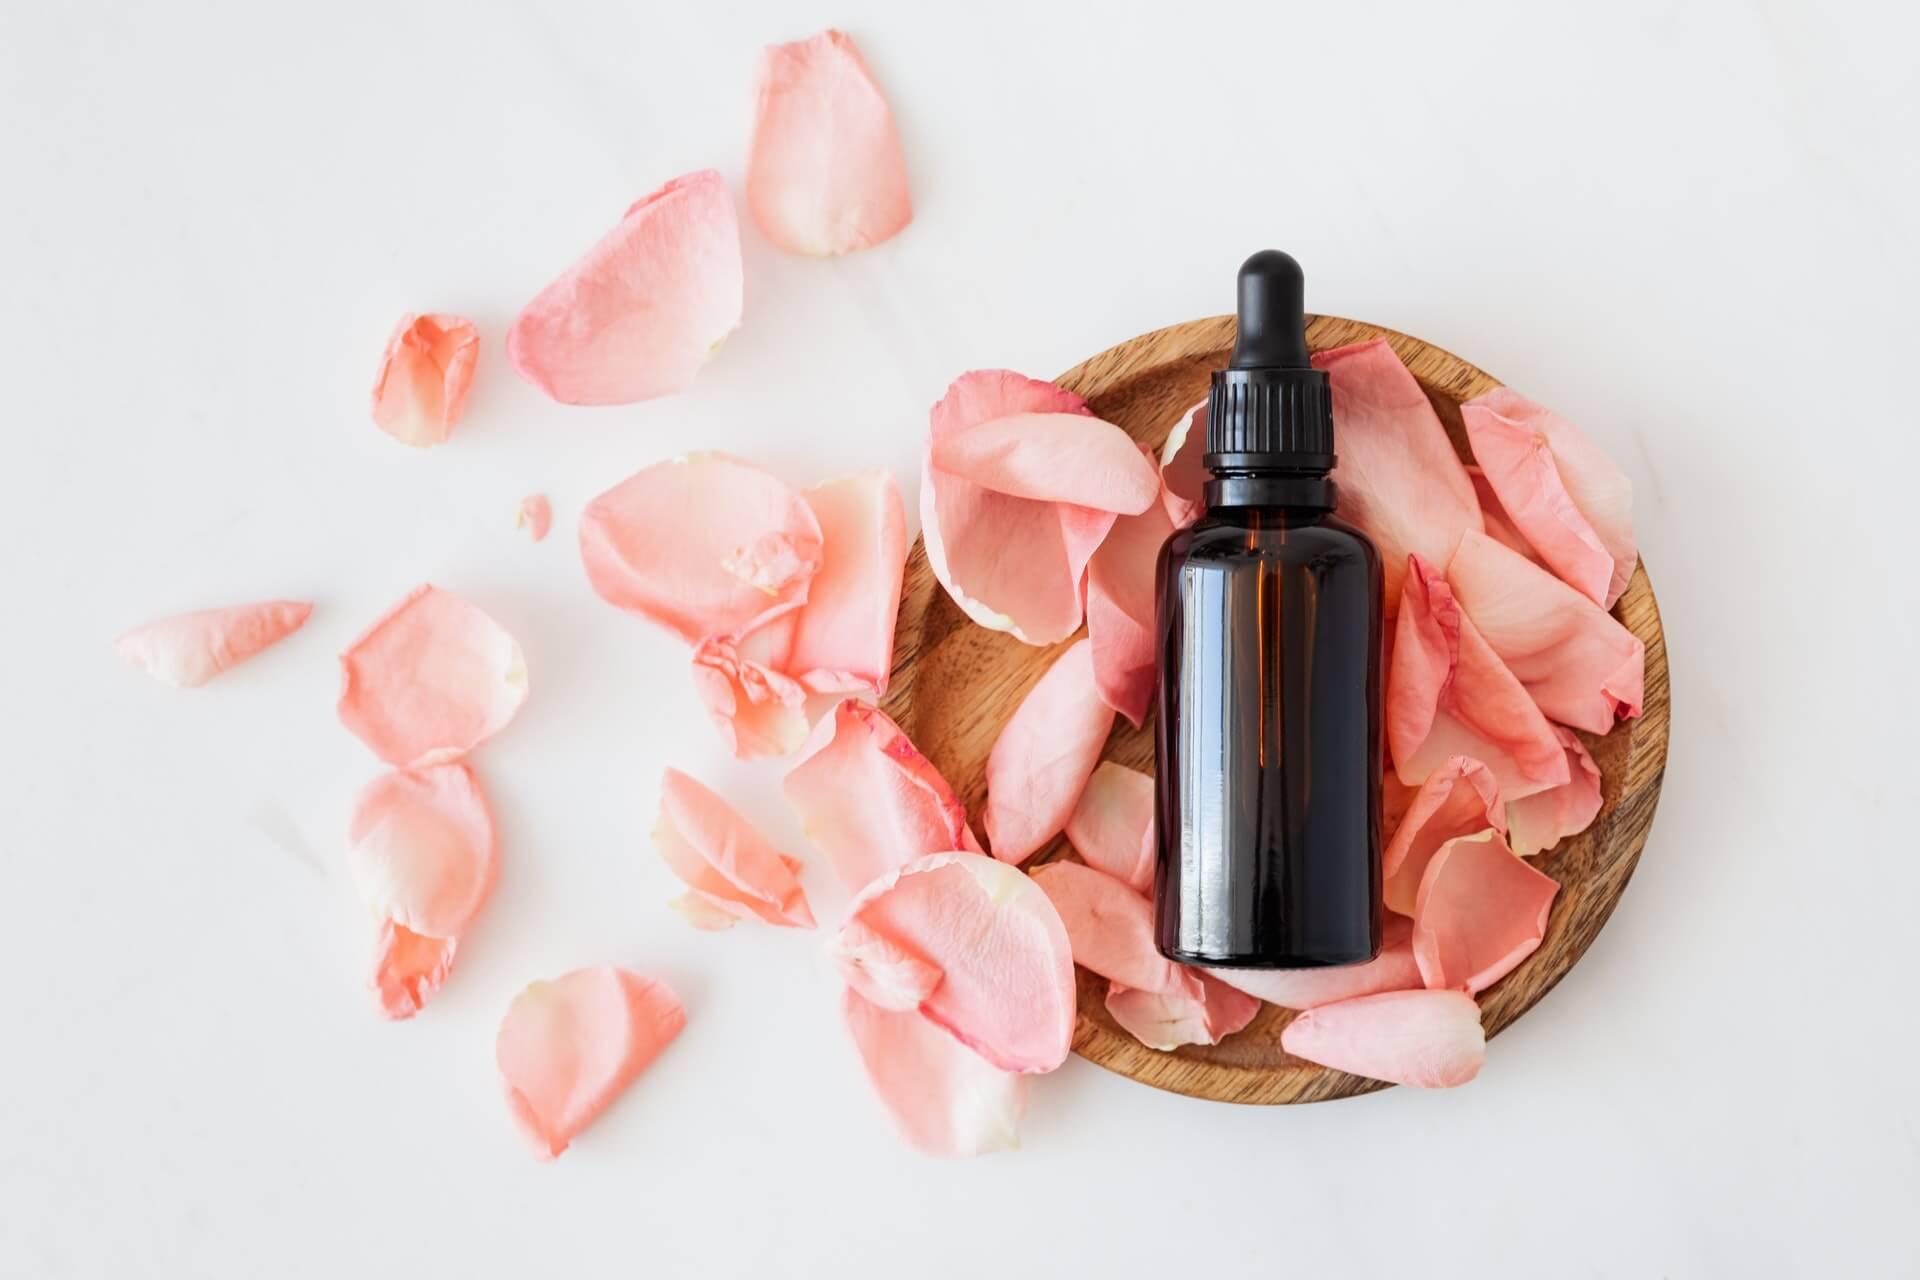 munku healing flower petals